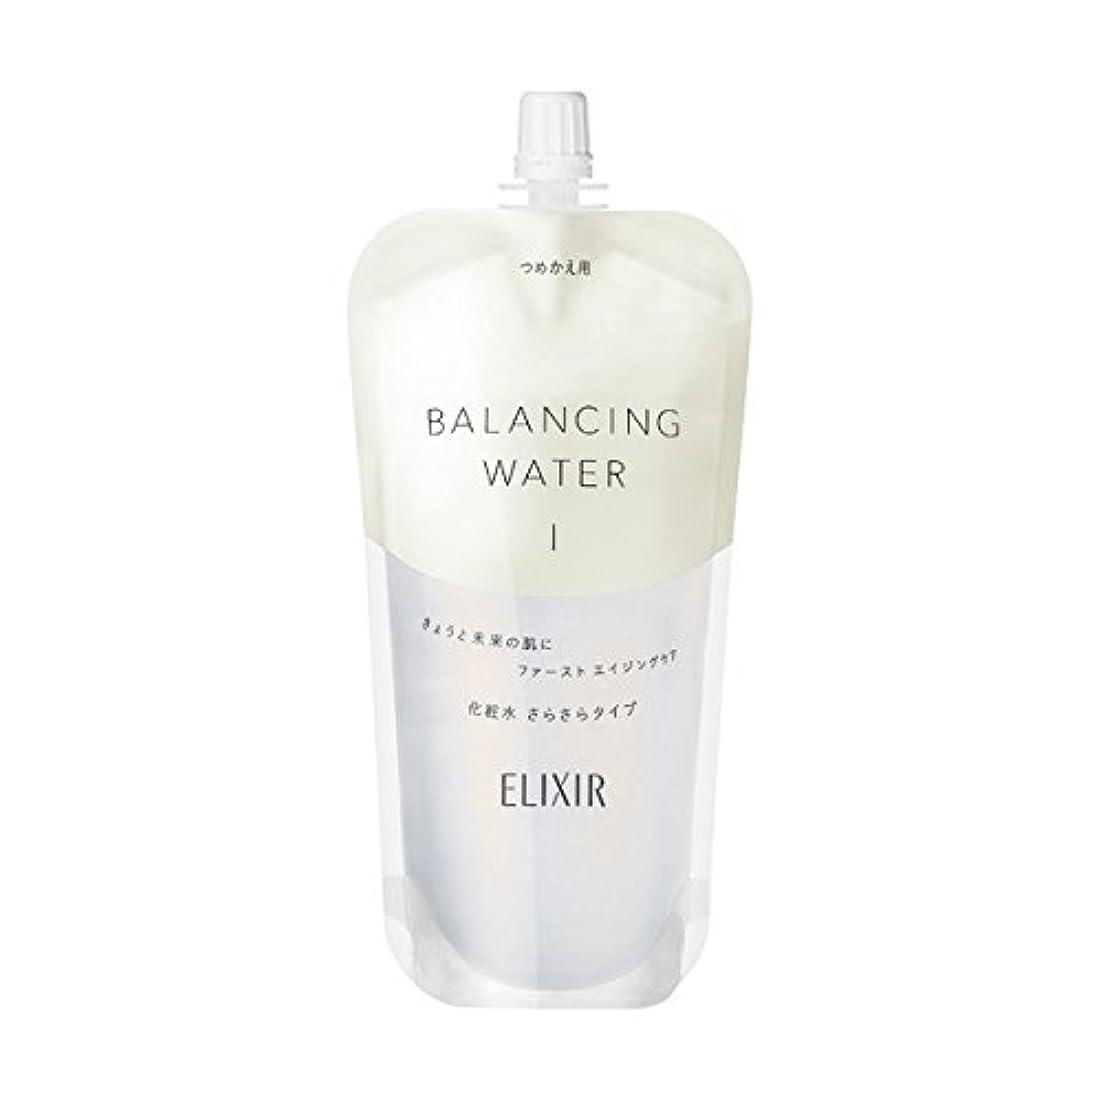 日常的に望み魔術エリクシール ルフレ バランシング ウォーター 化粧水 1 (さらさらタイプ) (つめかえ用) 150mL